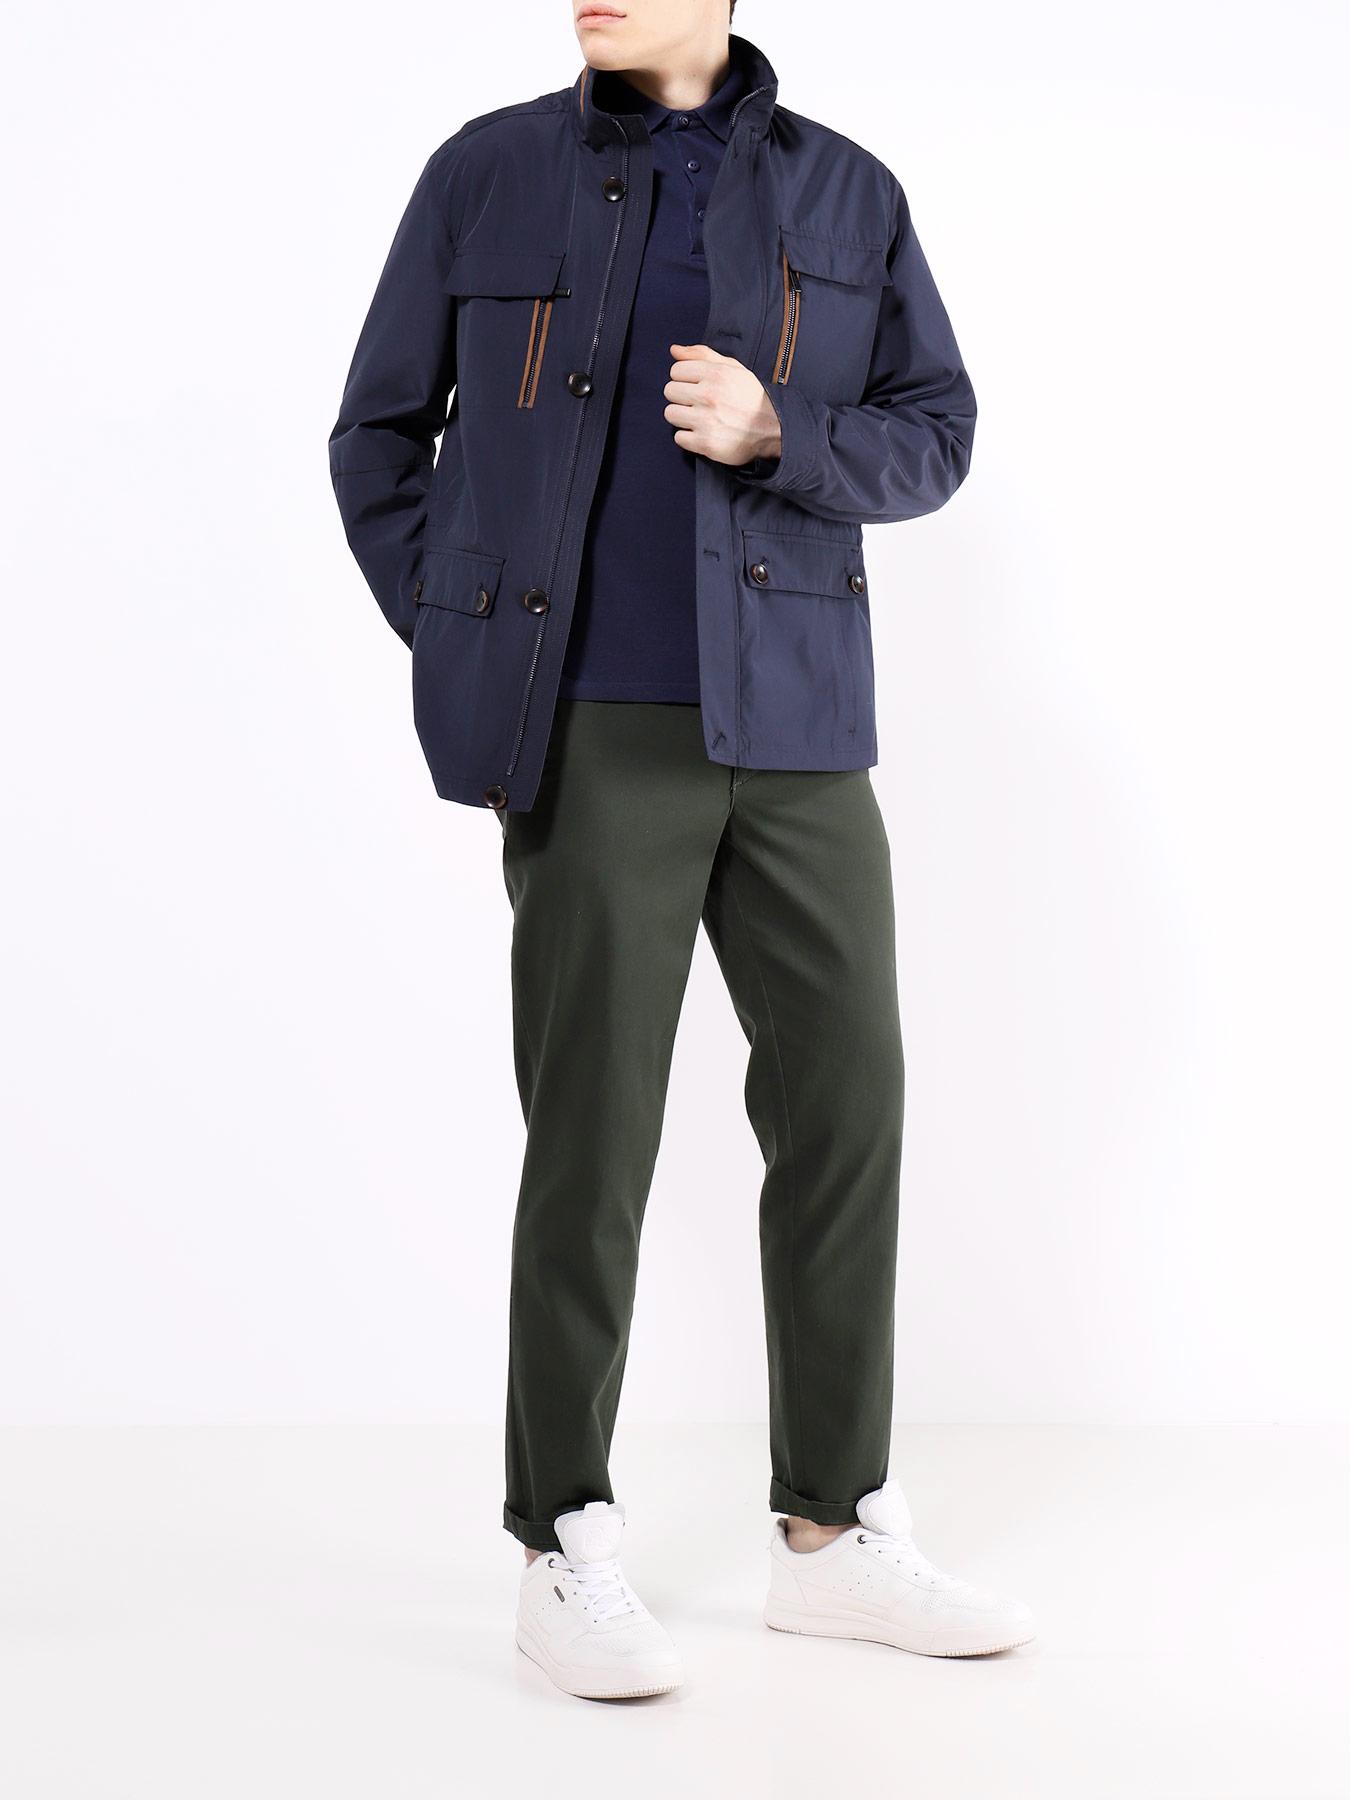 Alessandro Manzoni Jeans Куртка фото